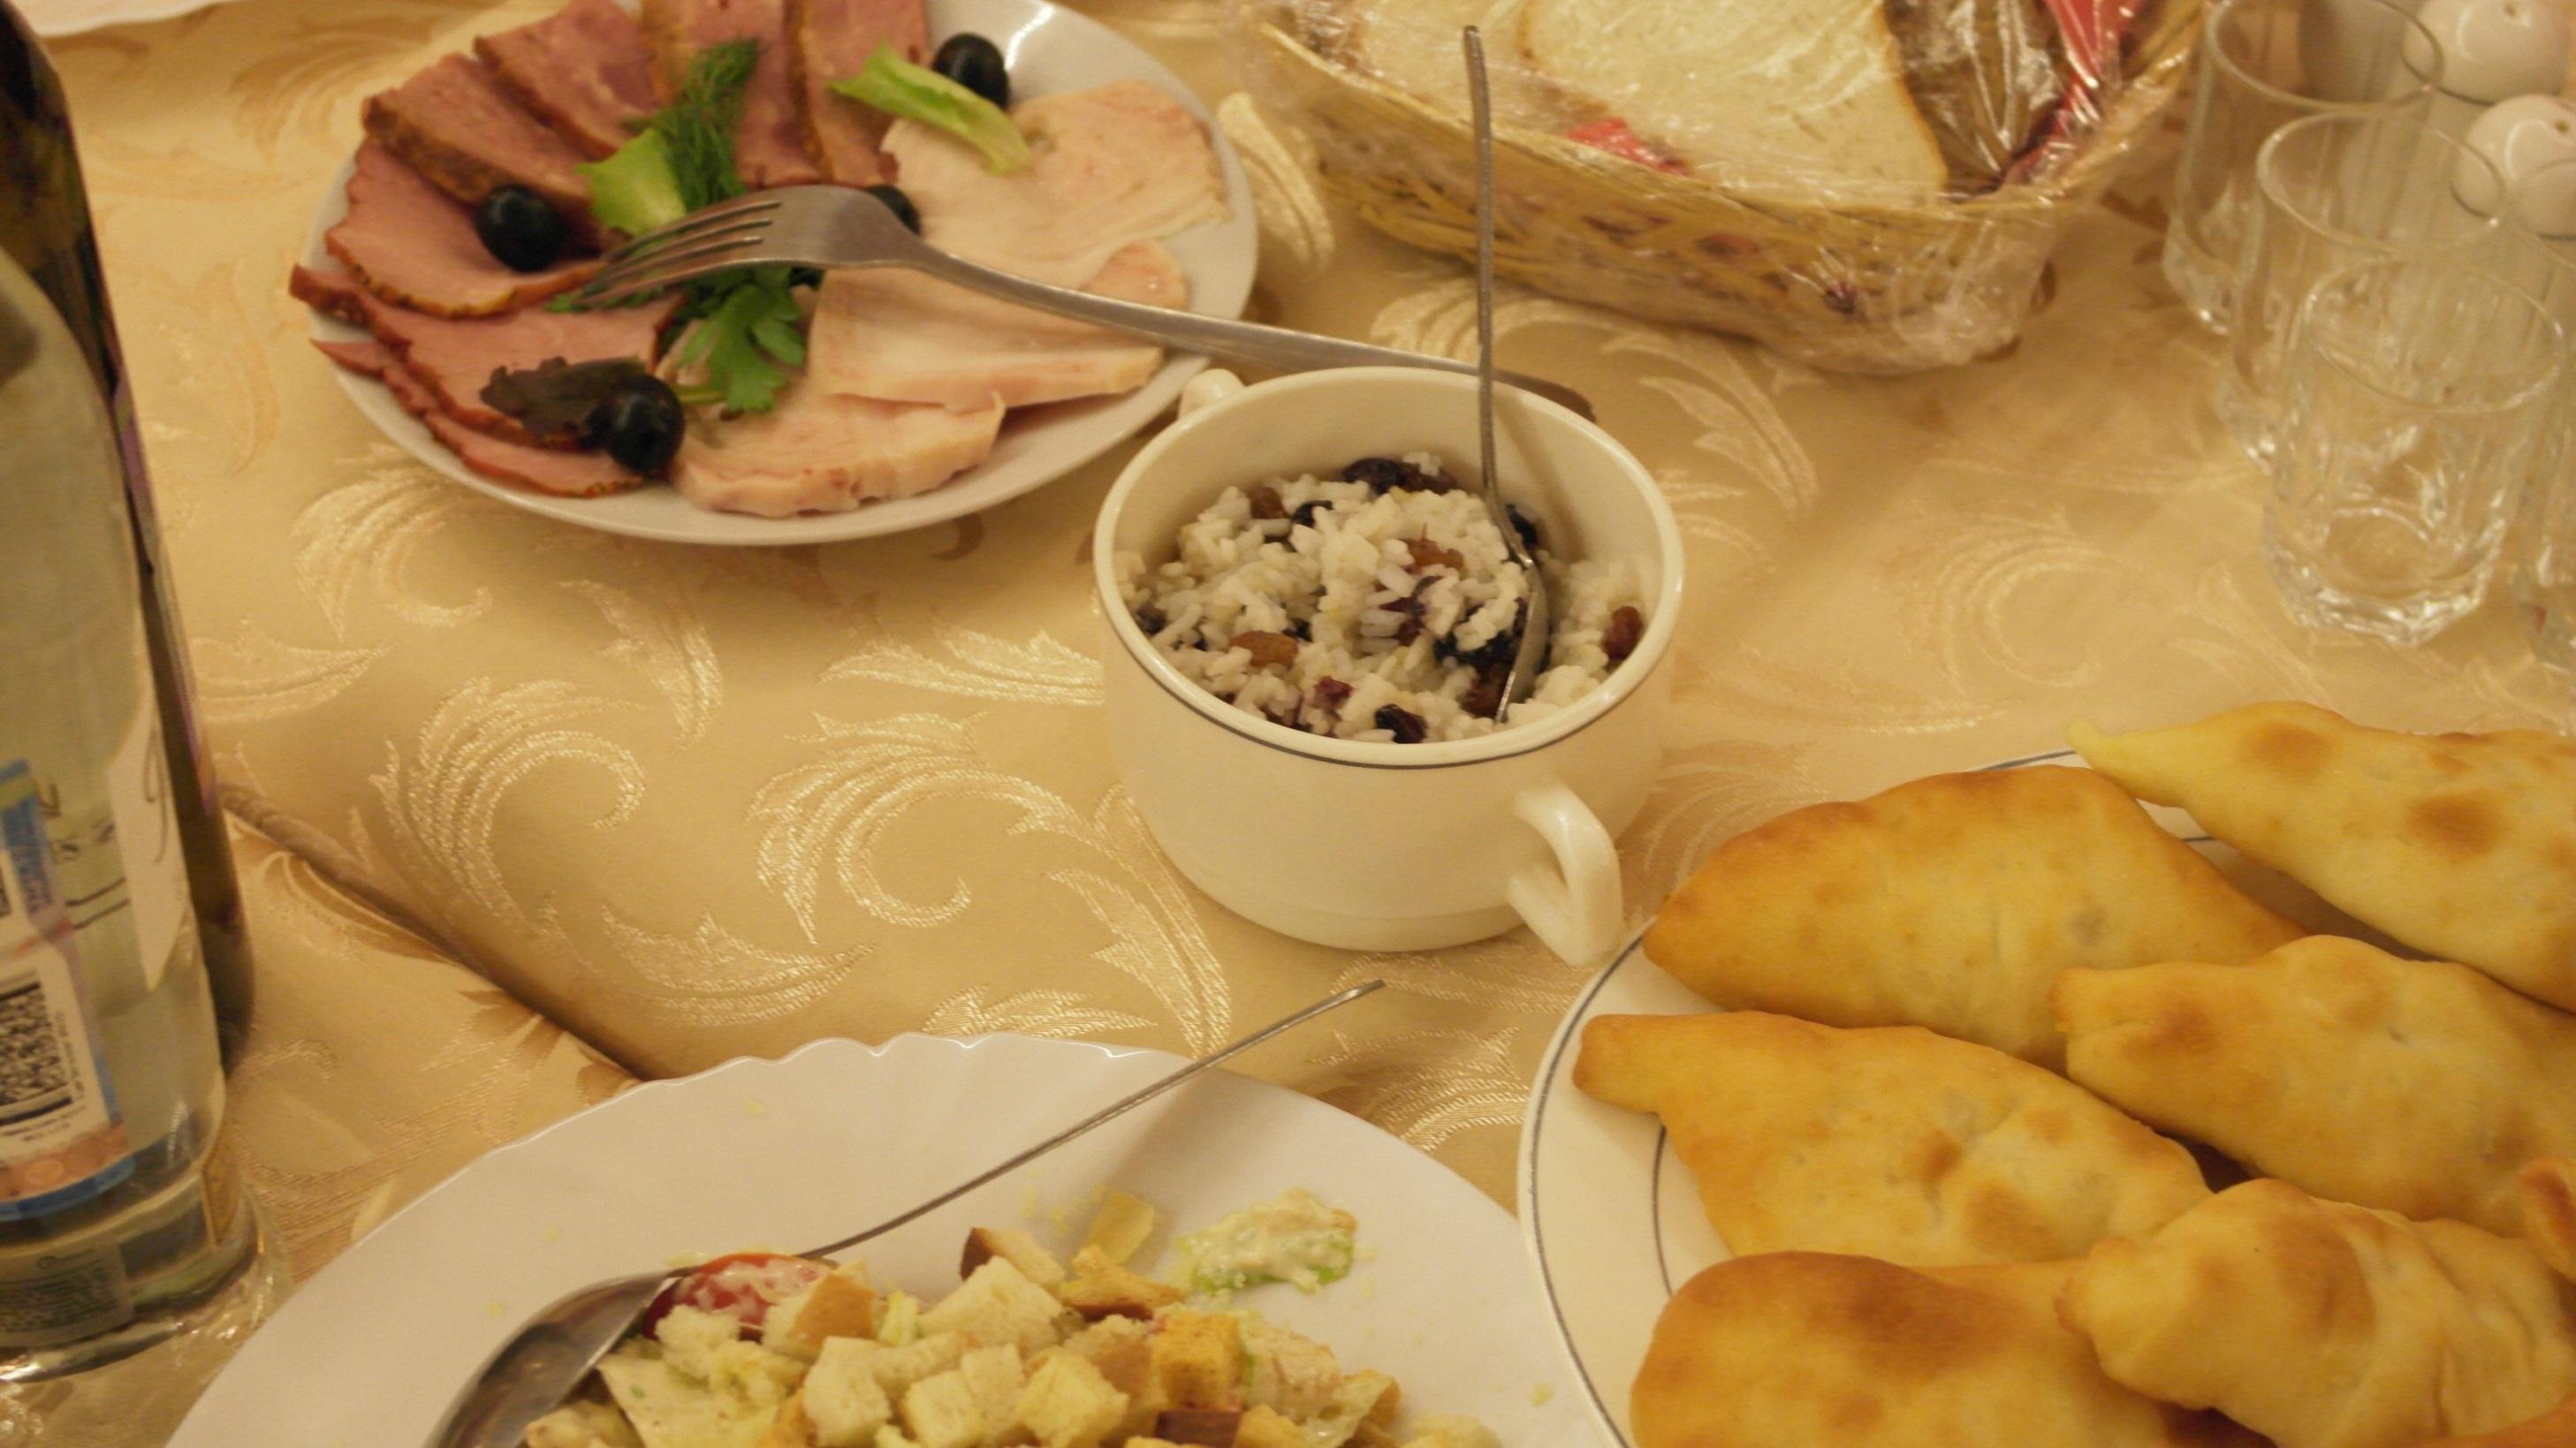 Рецепт кутьи на поминальный обед